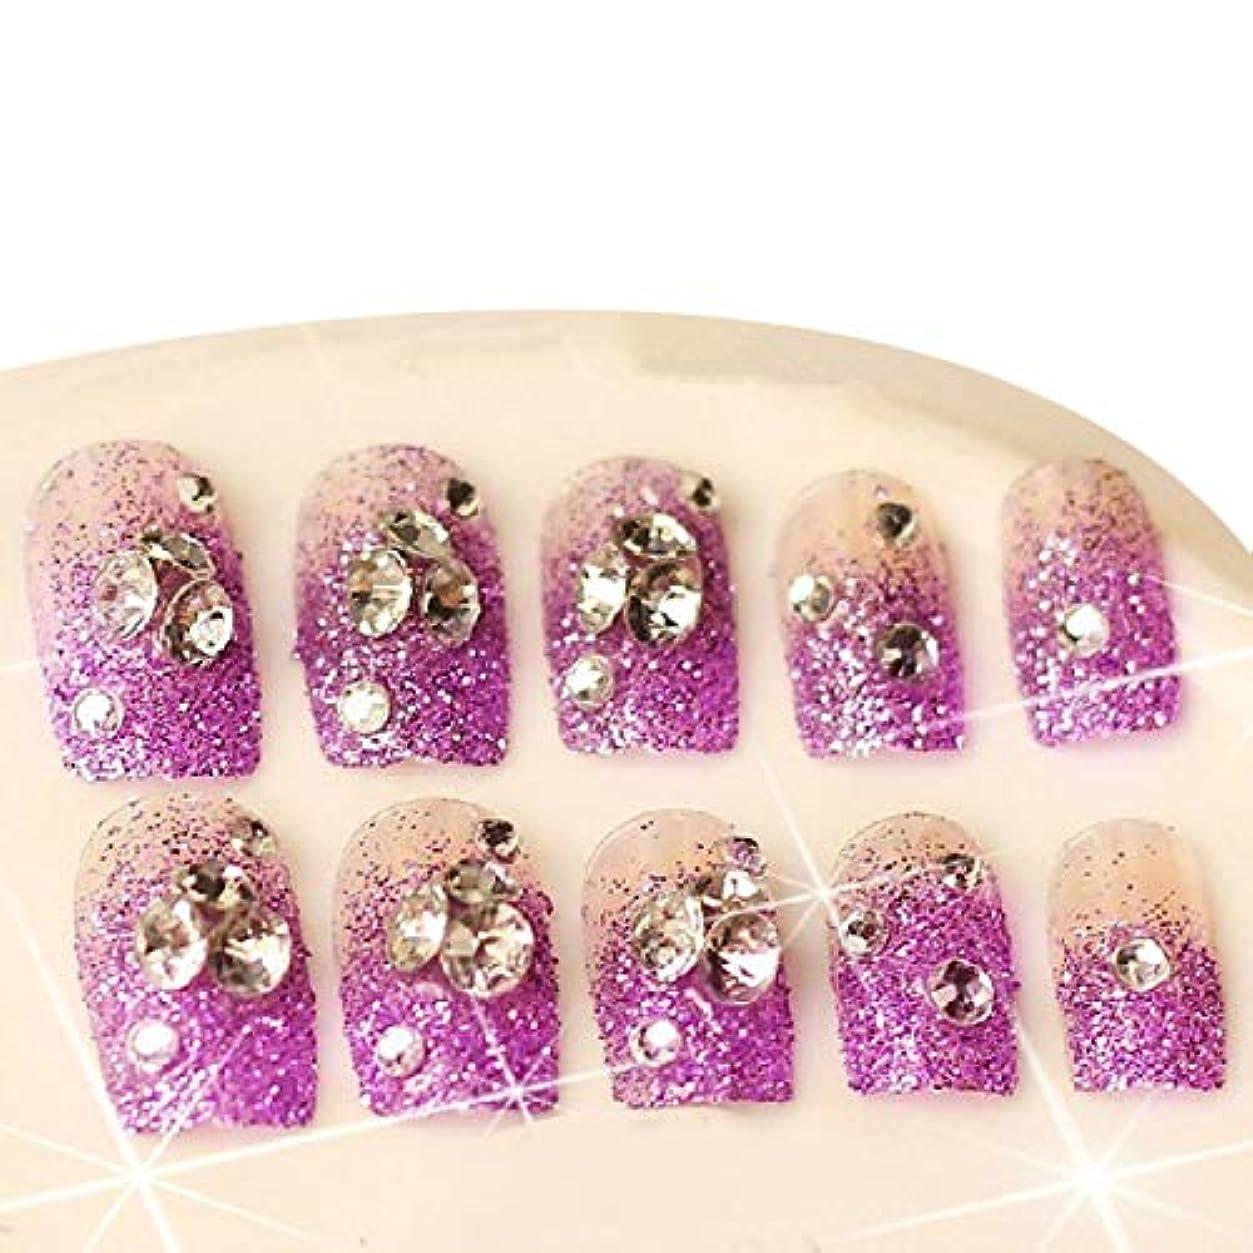 バドミントン不変謙虚Frcolor ネイルシール ネイルステッカー 人気 星 パープル グリッターのダイヤモンド 分解可能 花嫁 24枚セット